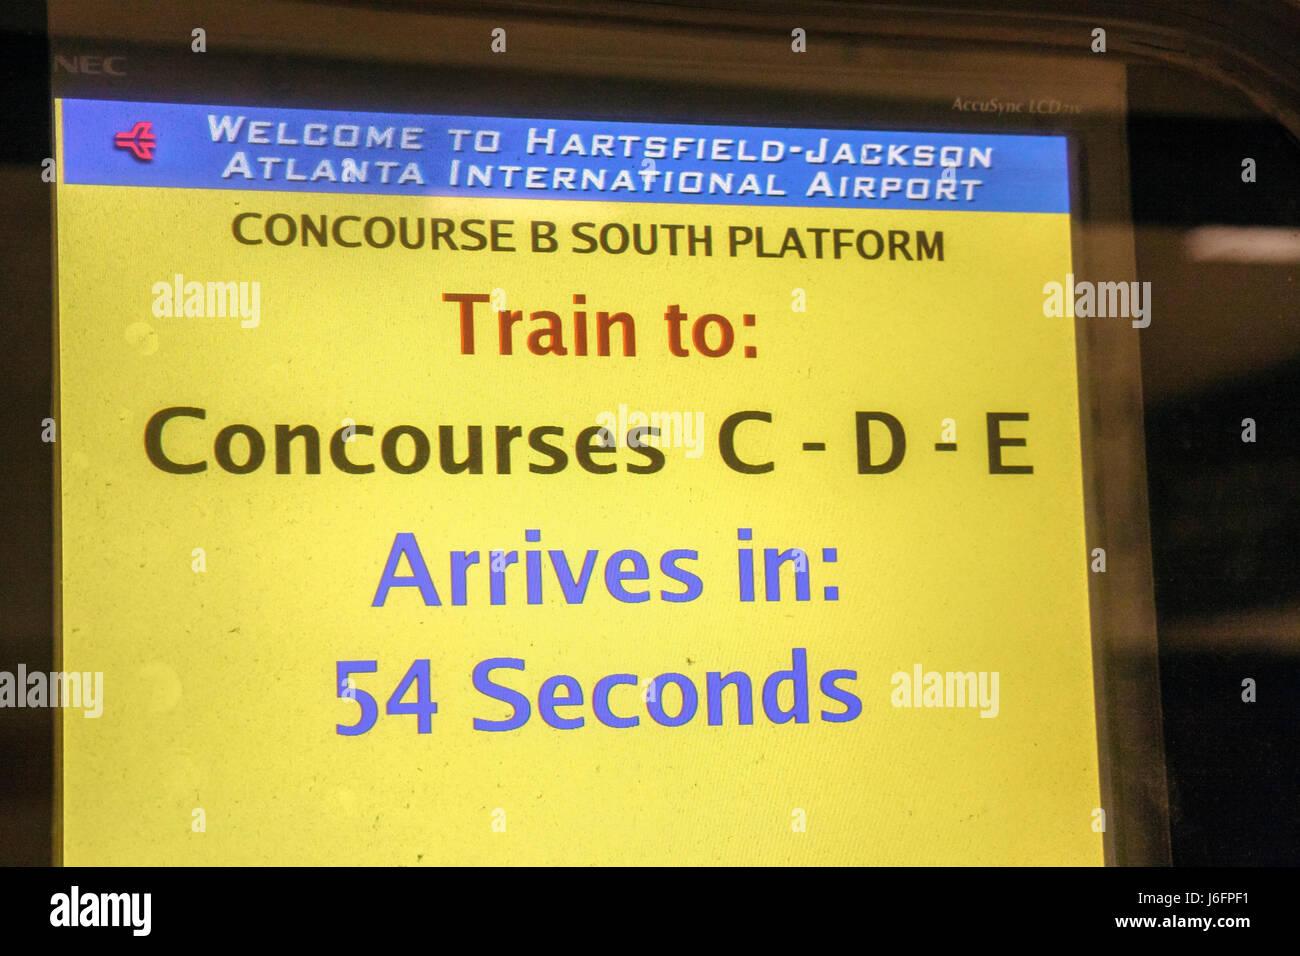 Atlanta Hartsfield-Jackson Atlanta International Airport nella schermata informazioni concourse treno orari di arrivo Immagini Stock